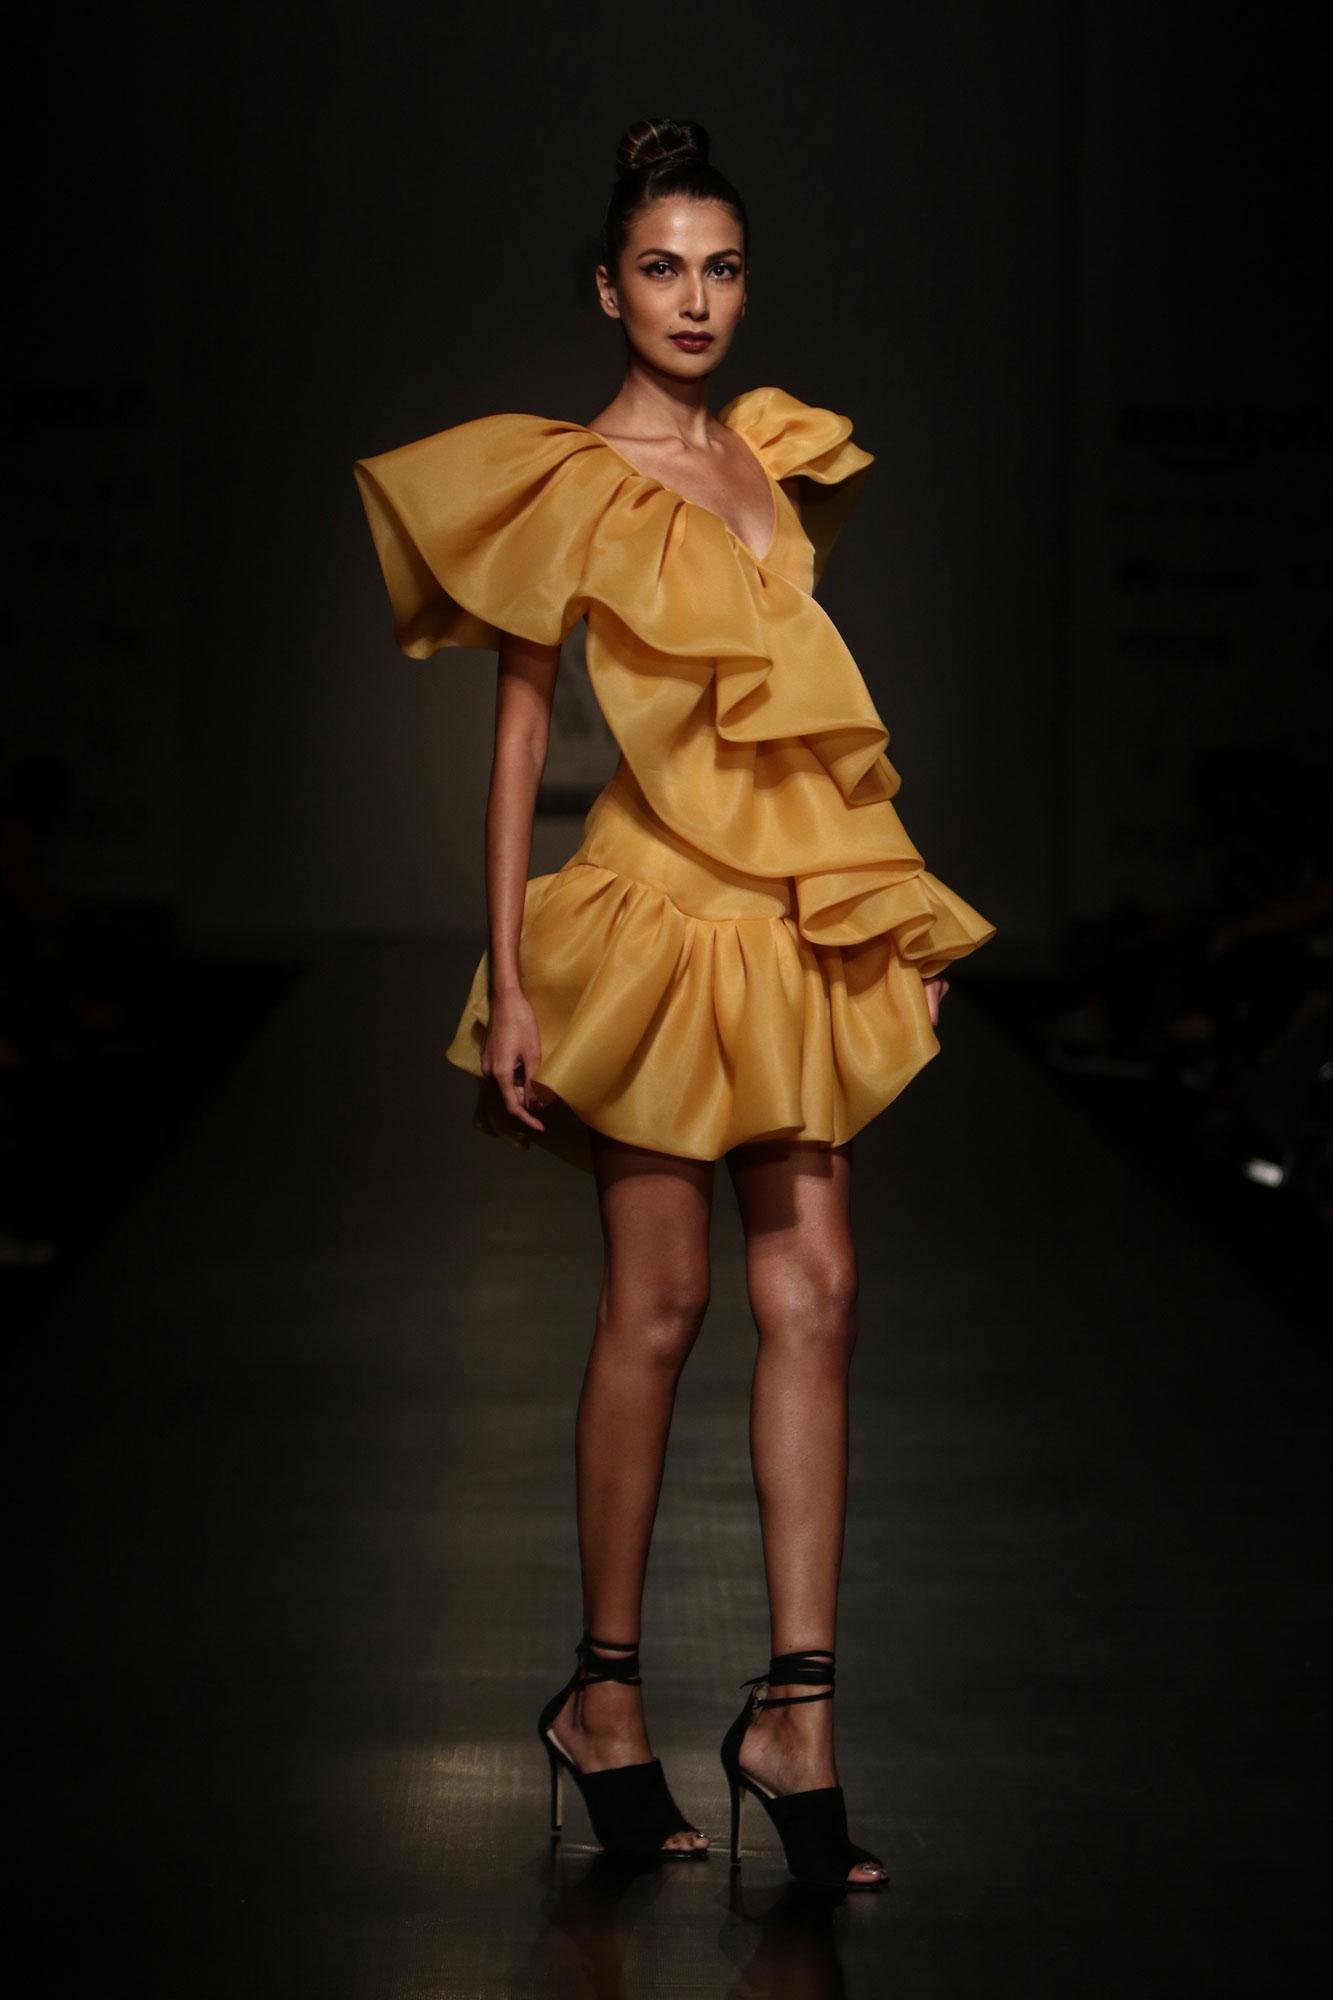 Gauri and nainika fashion designers Fashion Design Council of India ( FDCI )